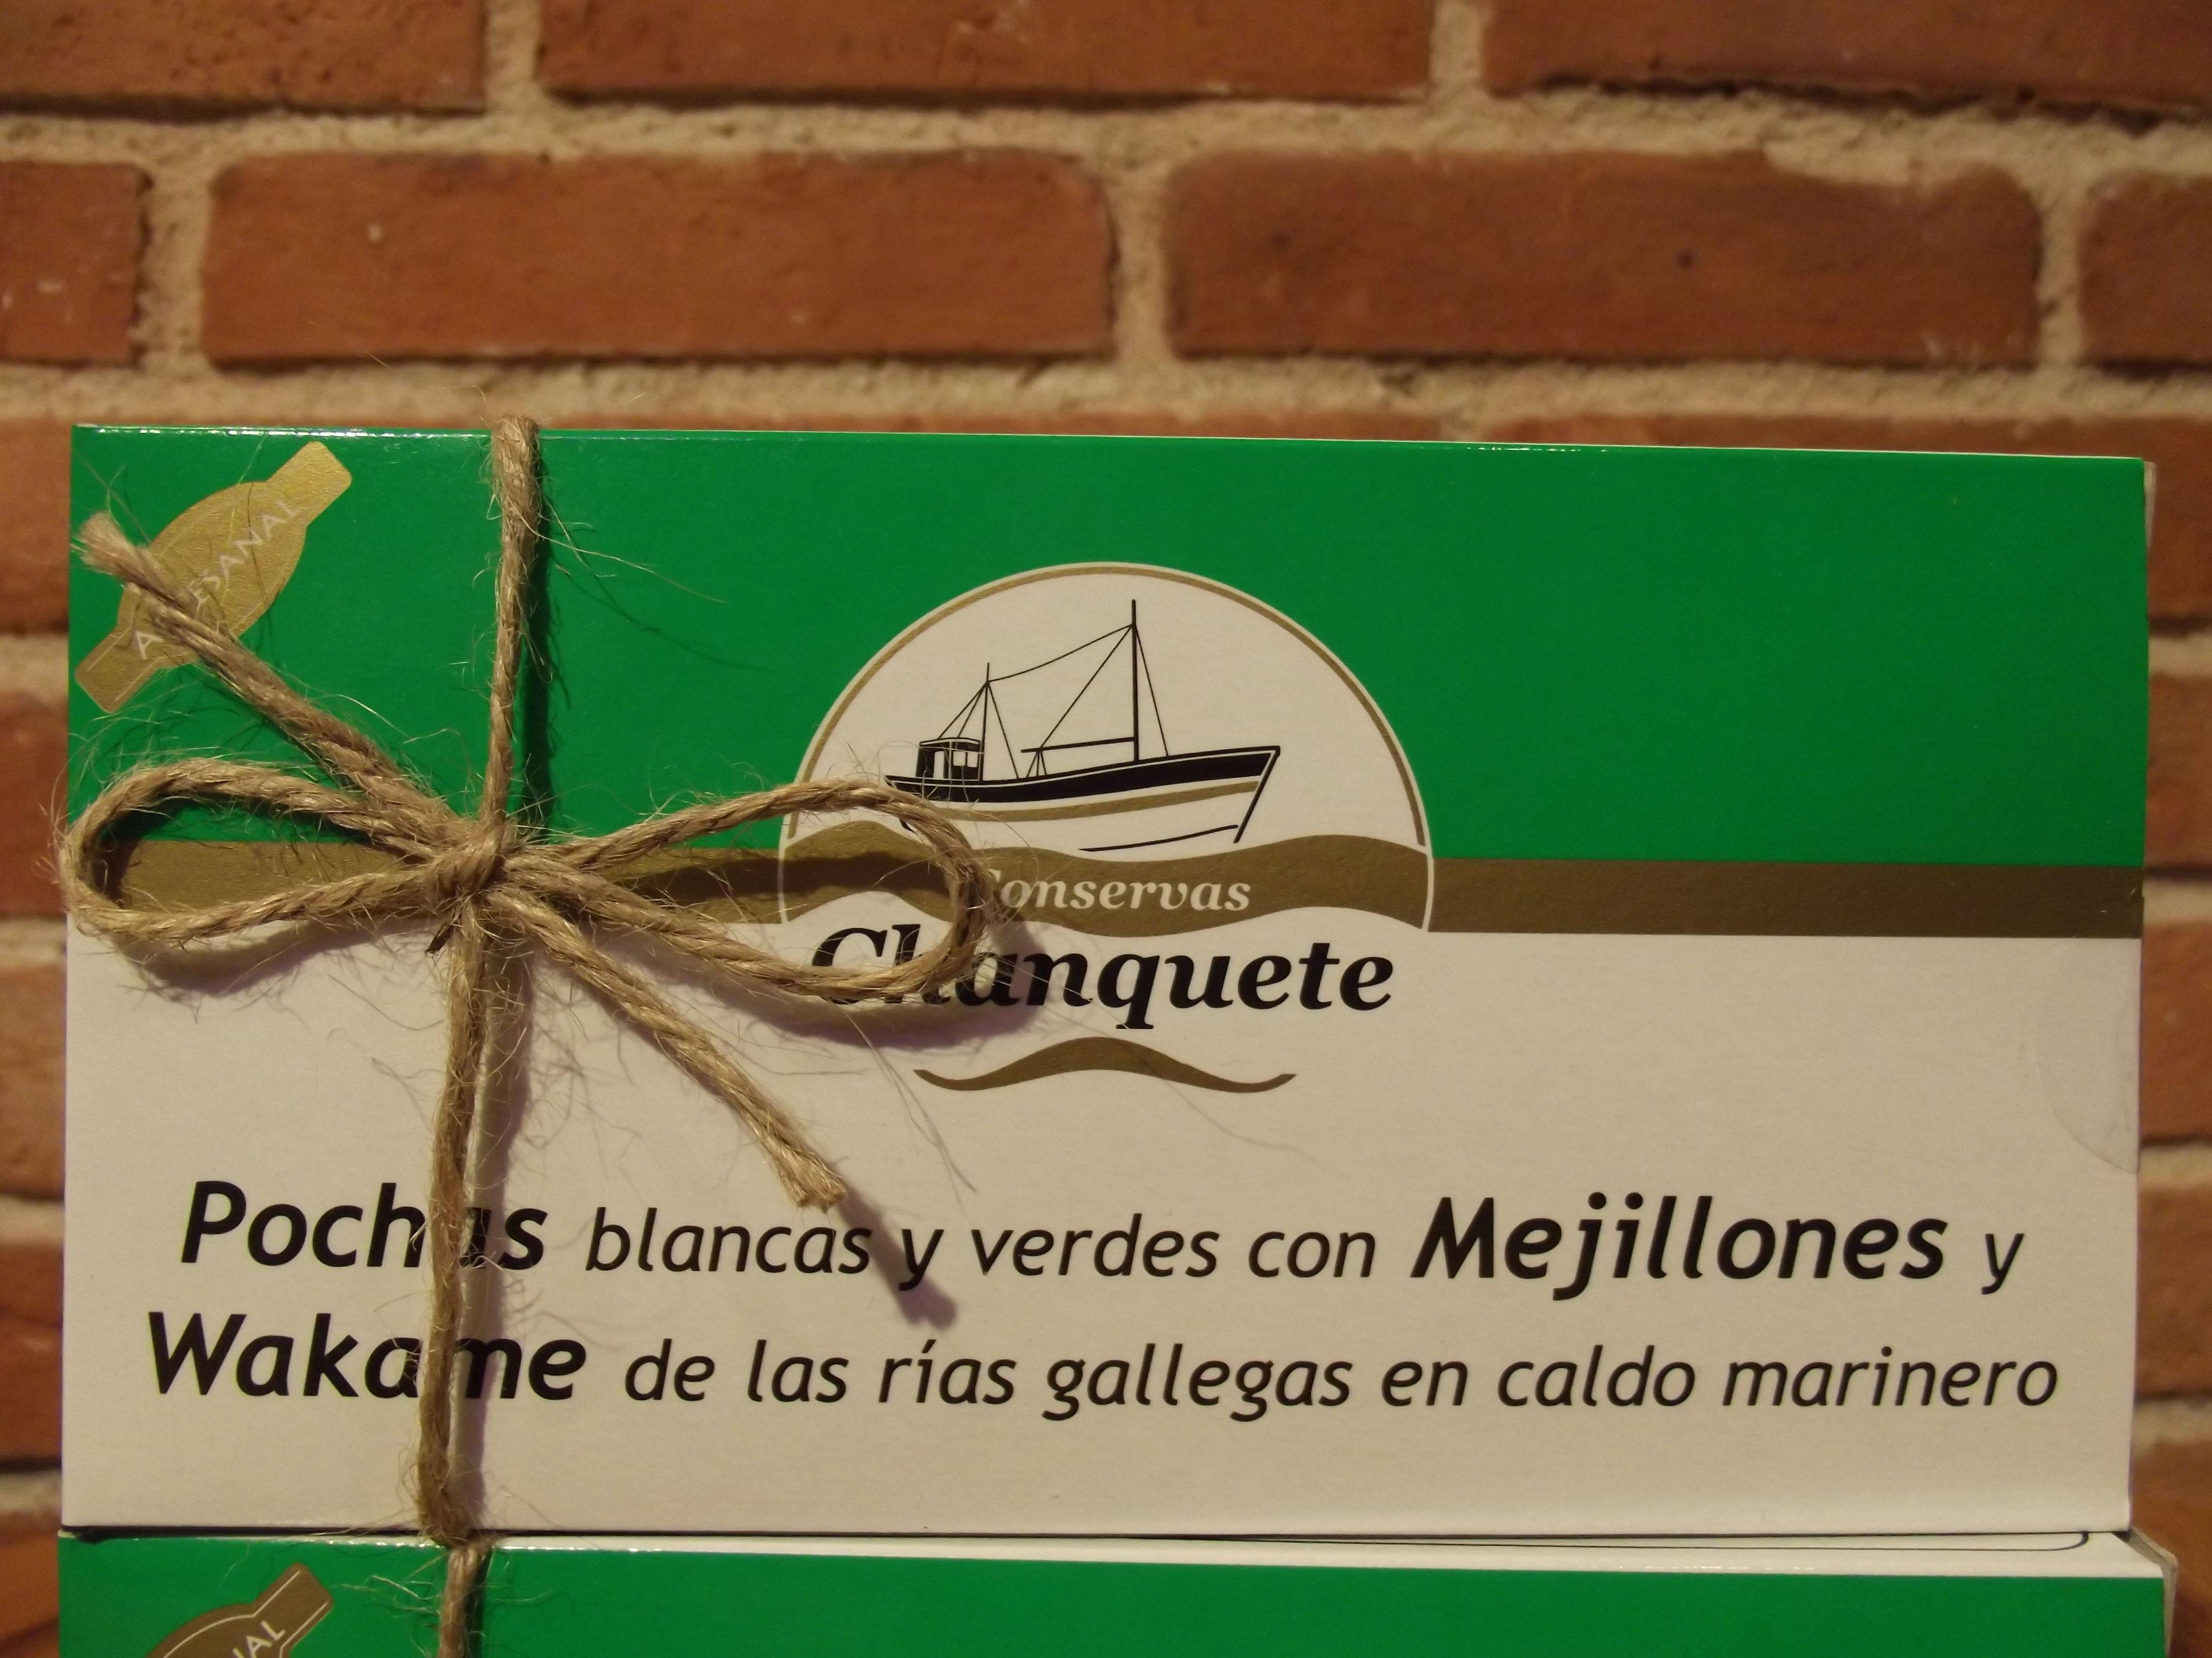 Pochas blancas y verdes con mejillones y wakame: Catálogo de López Pascual